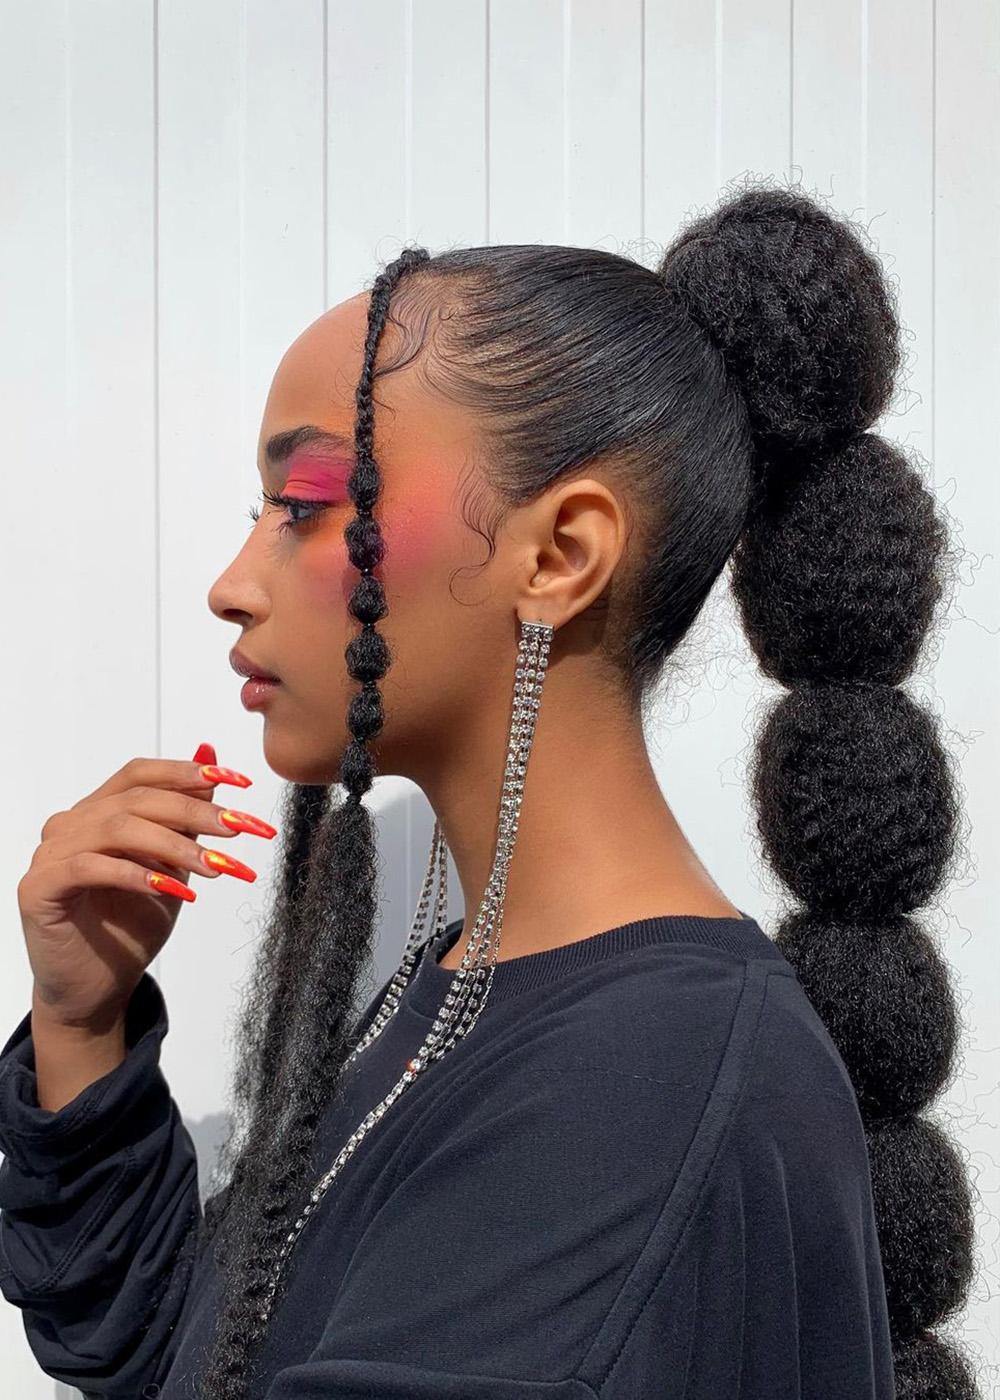 cabel longo com rabo de cavalo e trança bolha